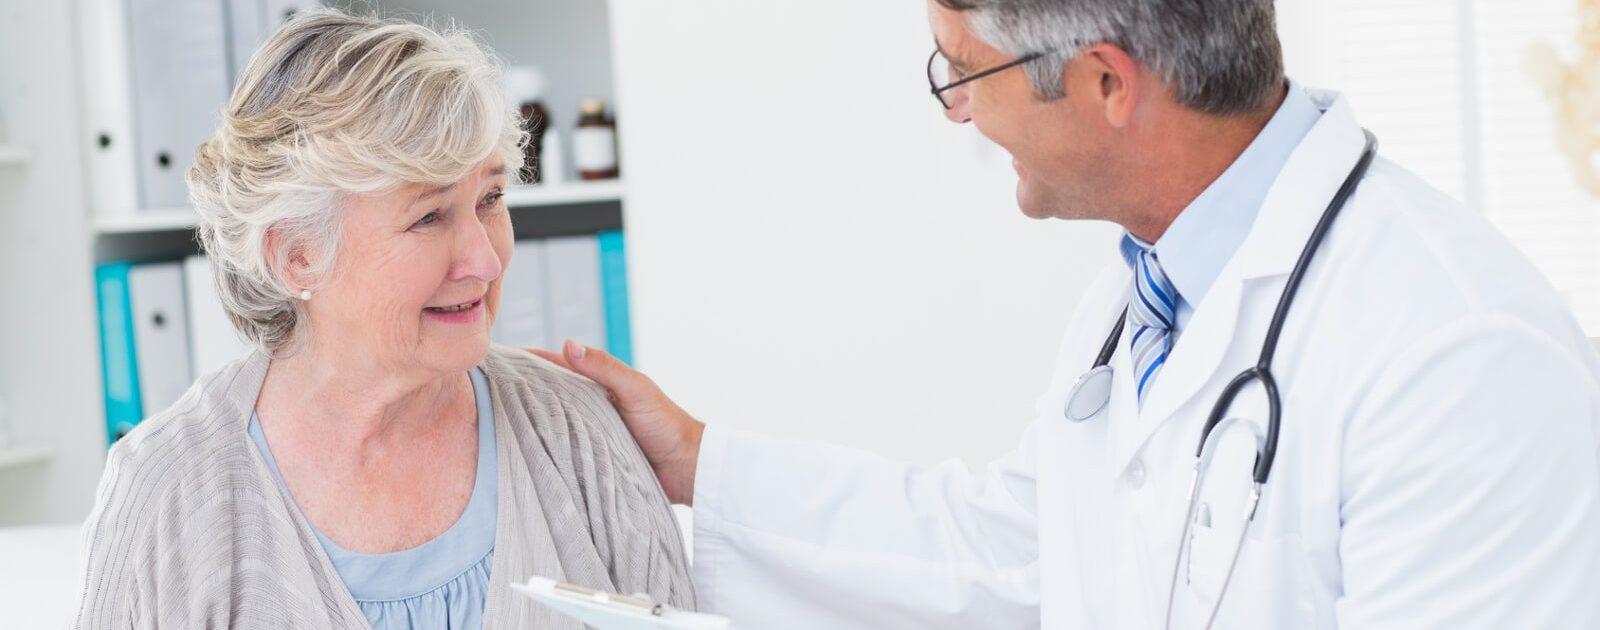 Bei Hämorrhoiden ist ein (Kolo-)Proktologe der richtige Ansprechpartner